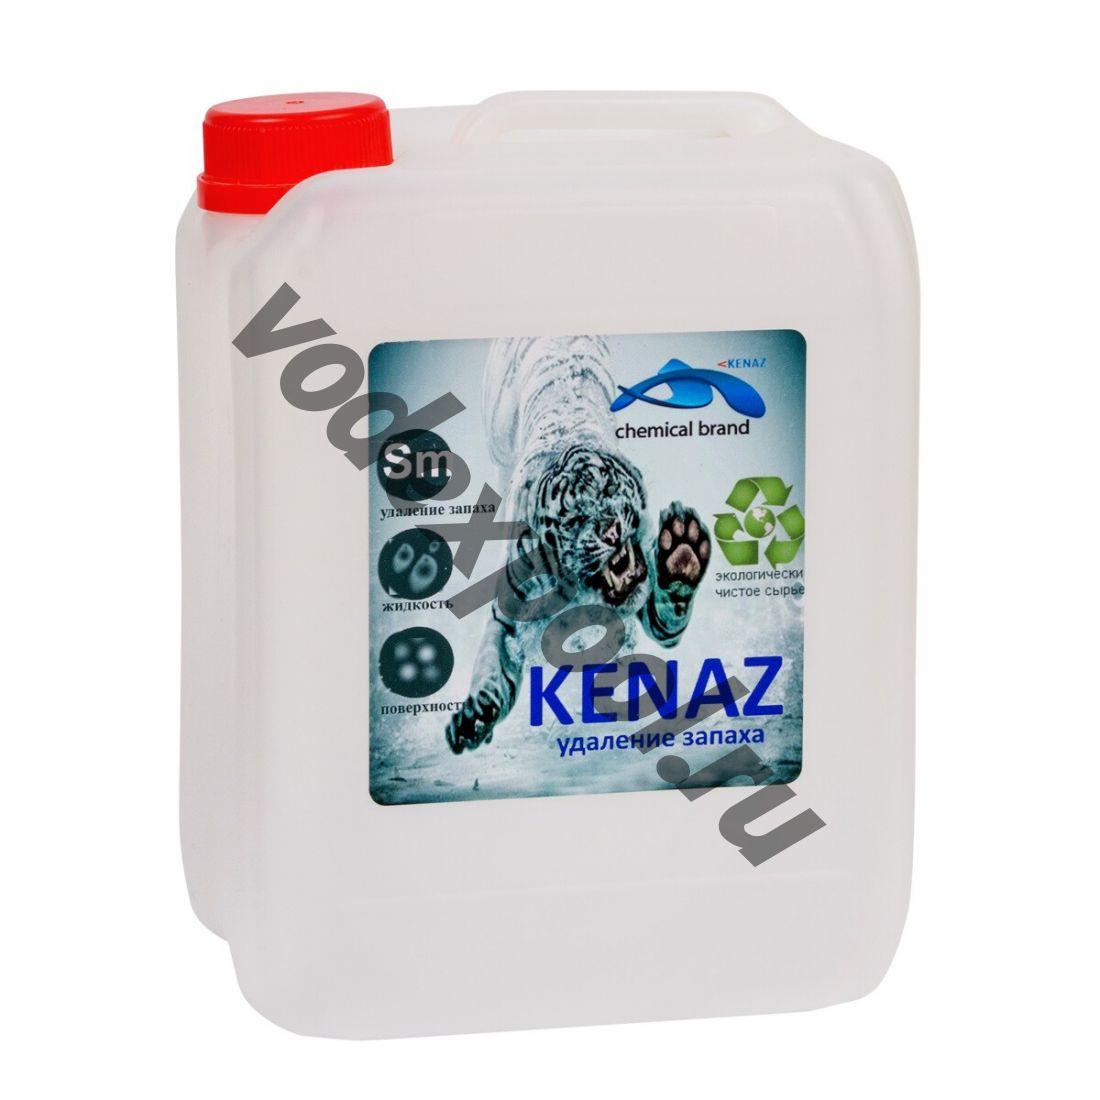 """Жидкое средство для удаления запахов Kenaz """"Удаление запахов"""" 0.8 л."""